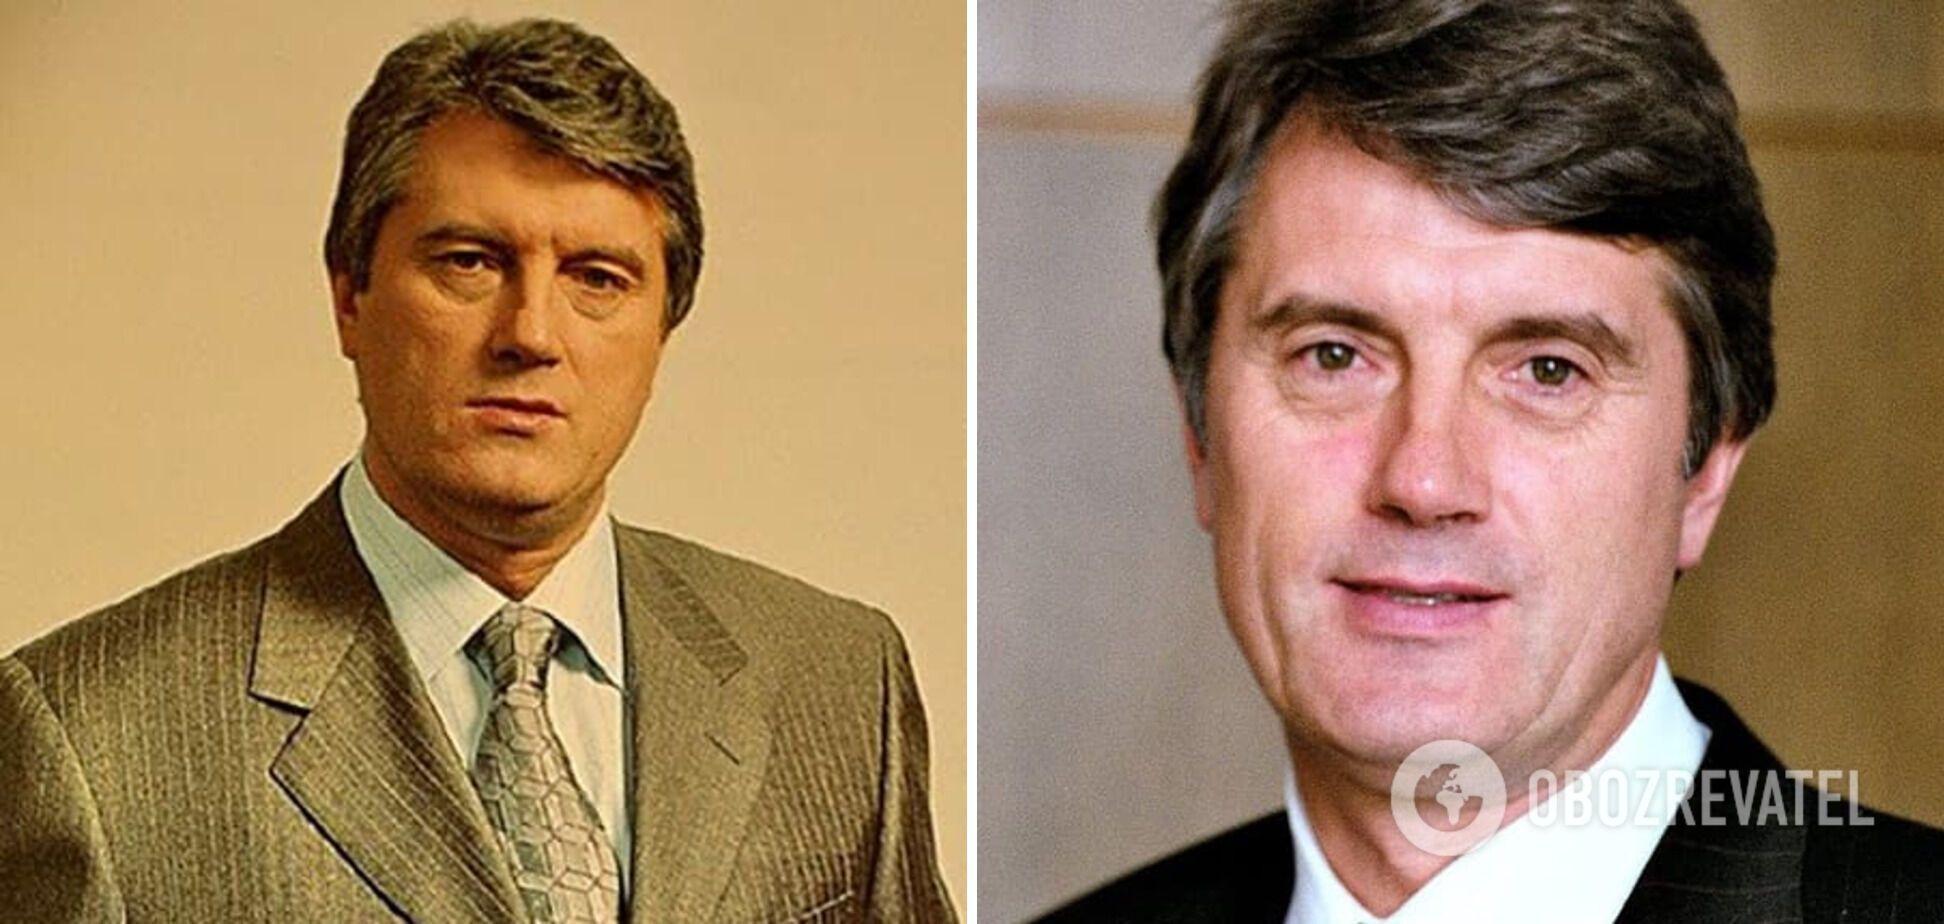 В 1999 году Ющенко стал премьер-министром Украины.